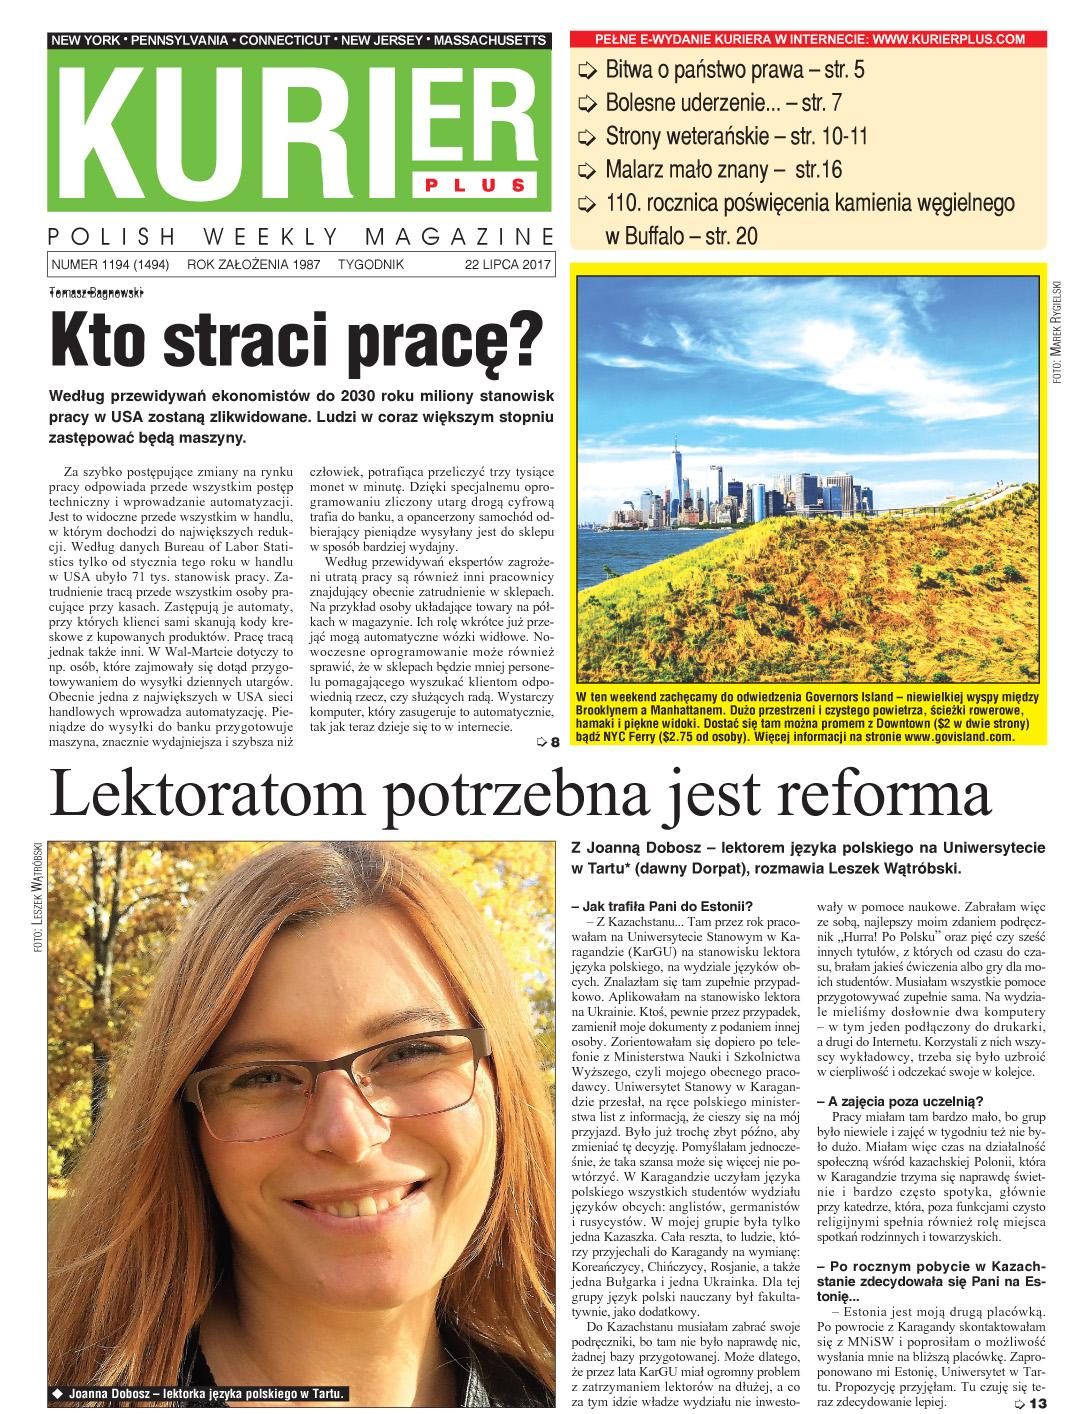 Kurier Plus - e-wydanie 22 lipca 2017